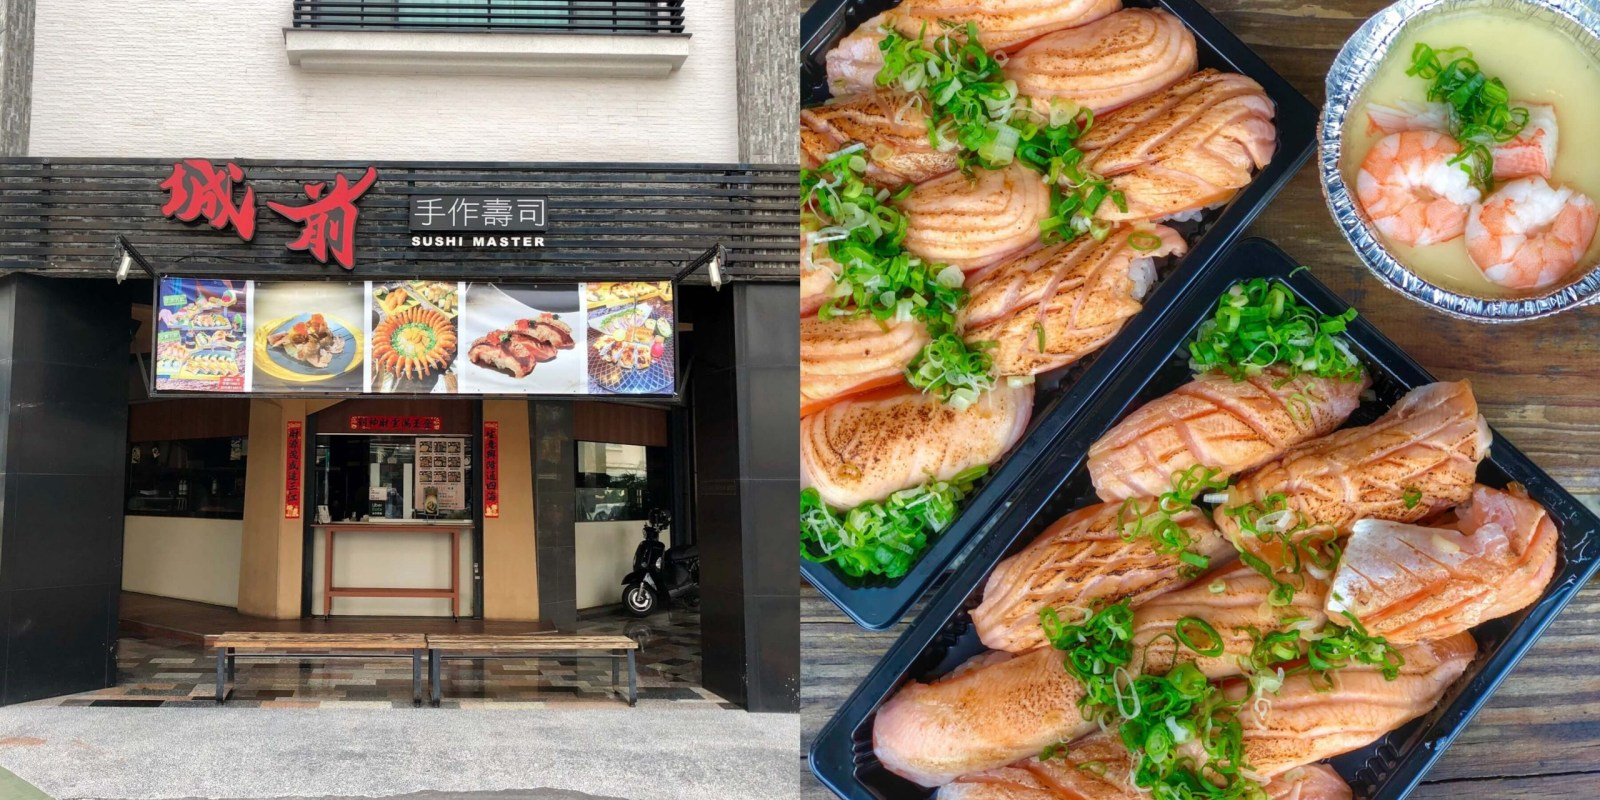 【台南美食】城前料理亭|現點現做的炙燒鮭魚握壽司,12月限定九貫外帶盒只要300元!